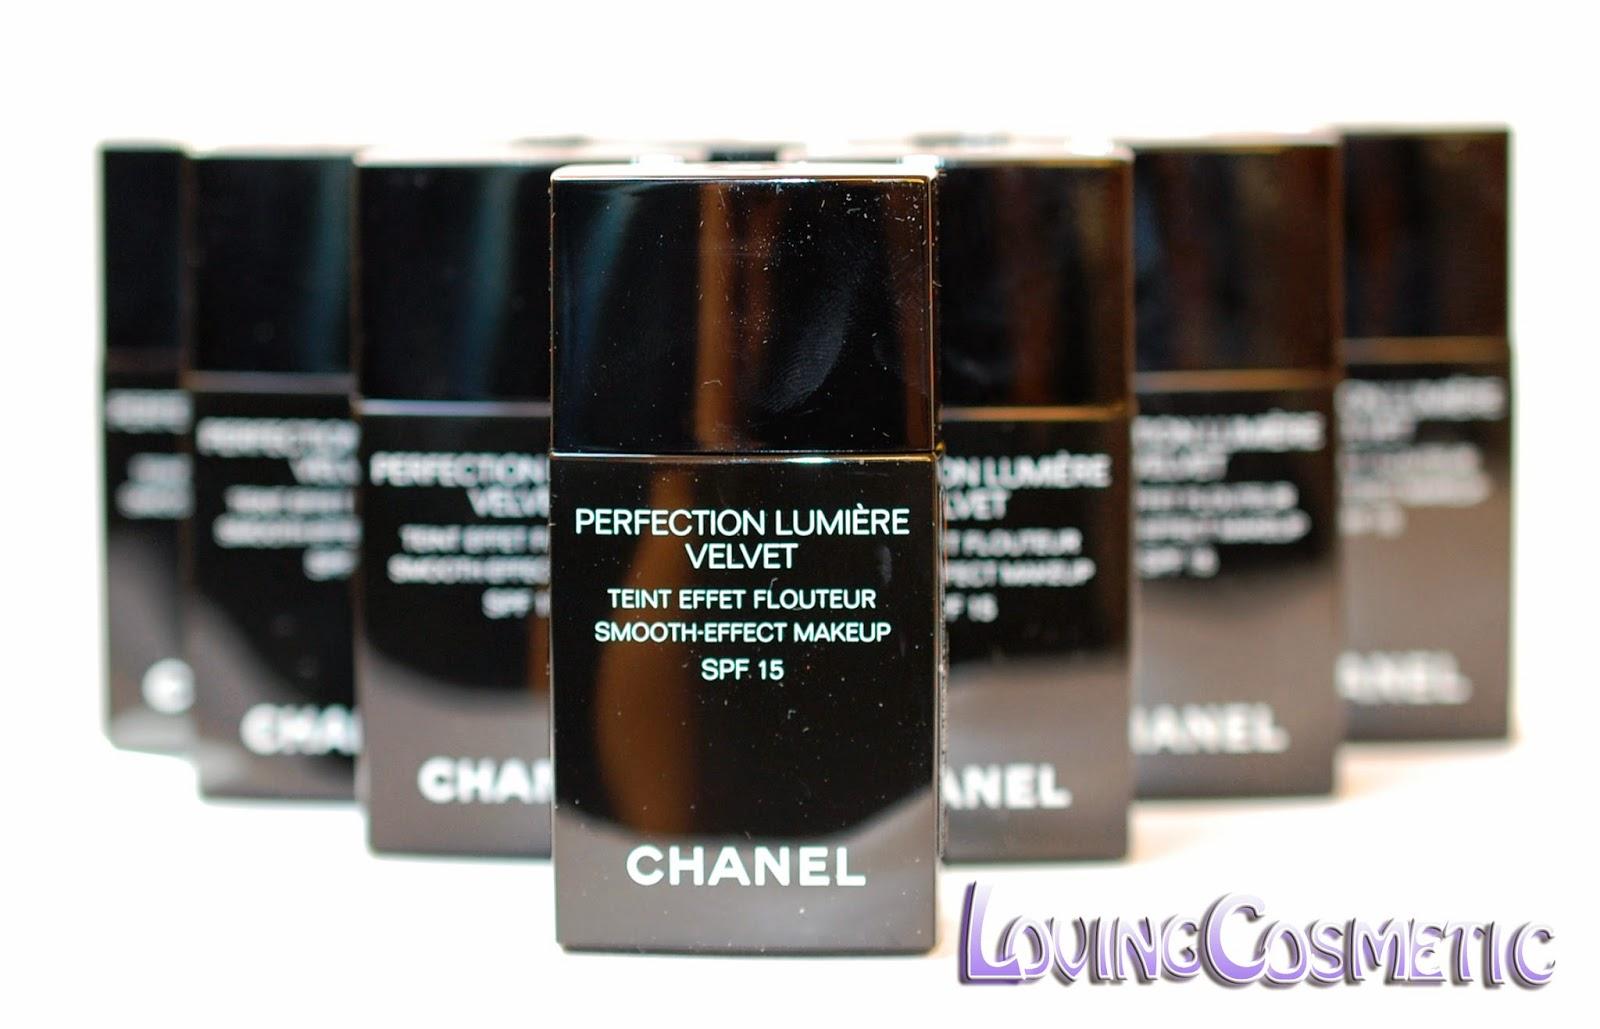 Chanel perfection lumiere velvet spf 15 opinión tonos colores efecto caracteristicas